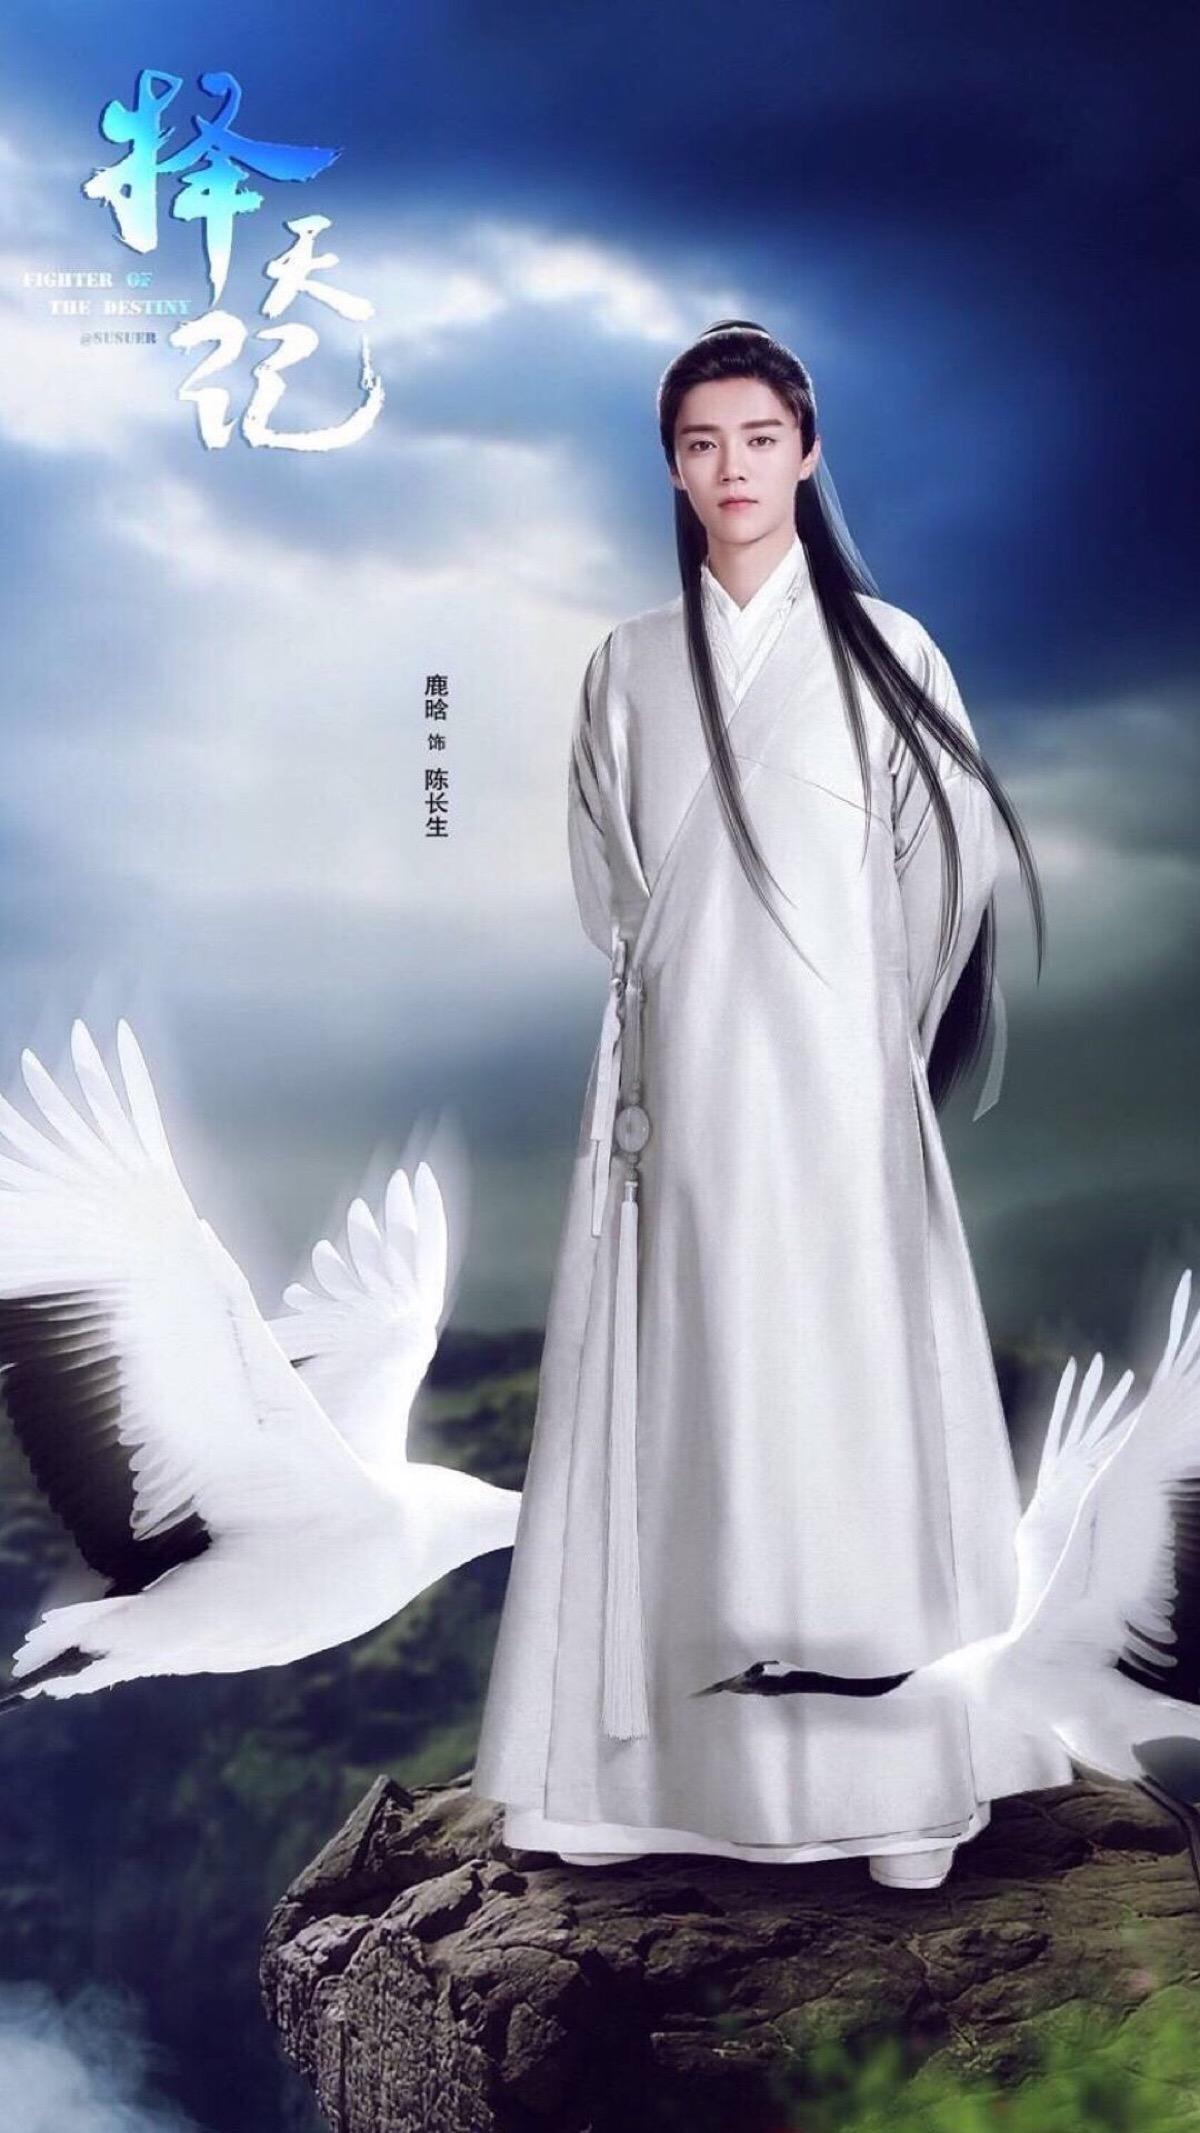 鹿晗陈晓李易峰霍建华 古装白衣美男谁惊艳图片